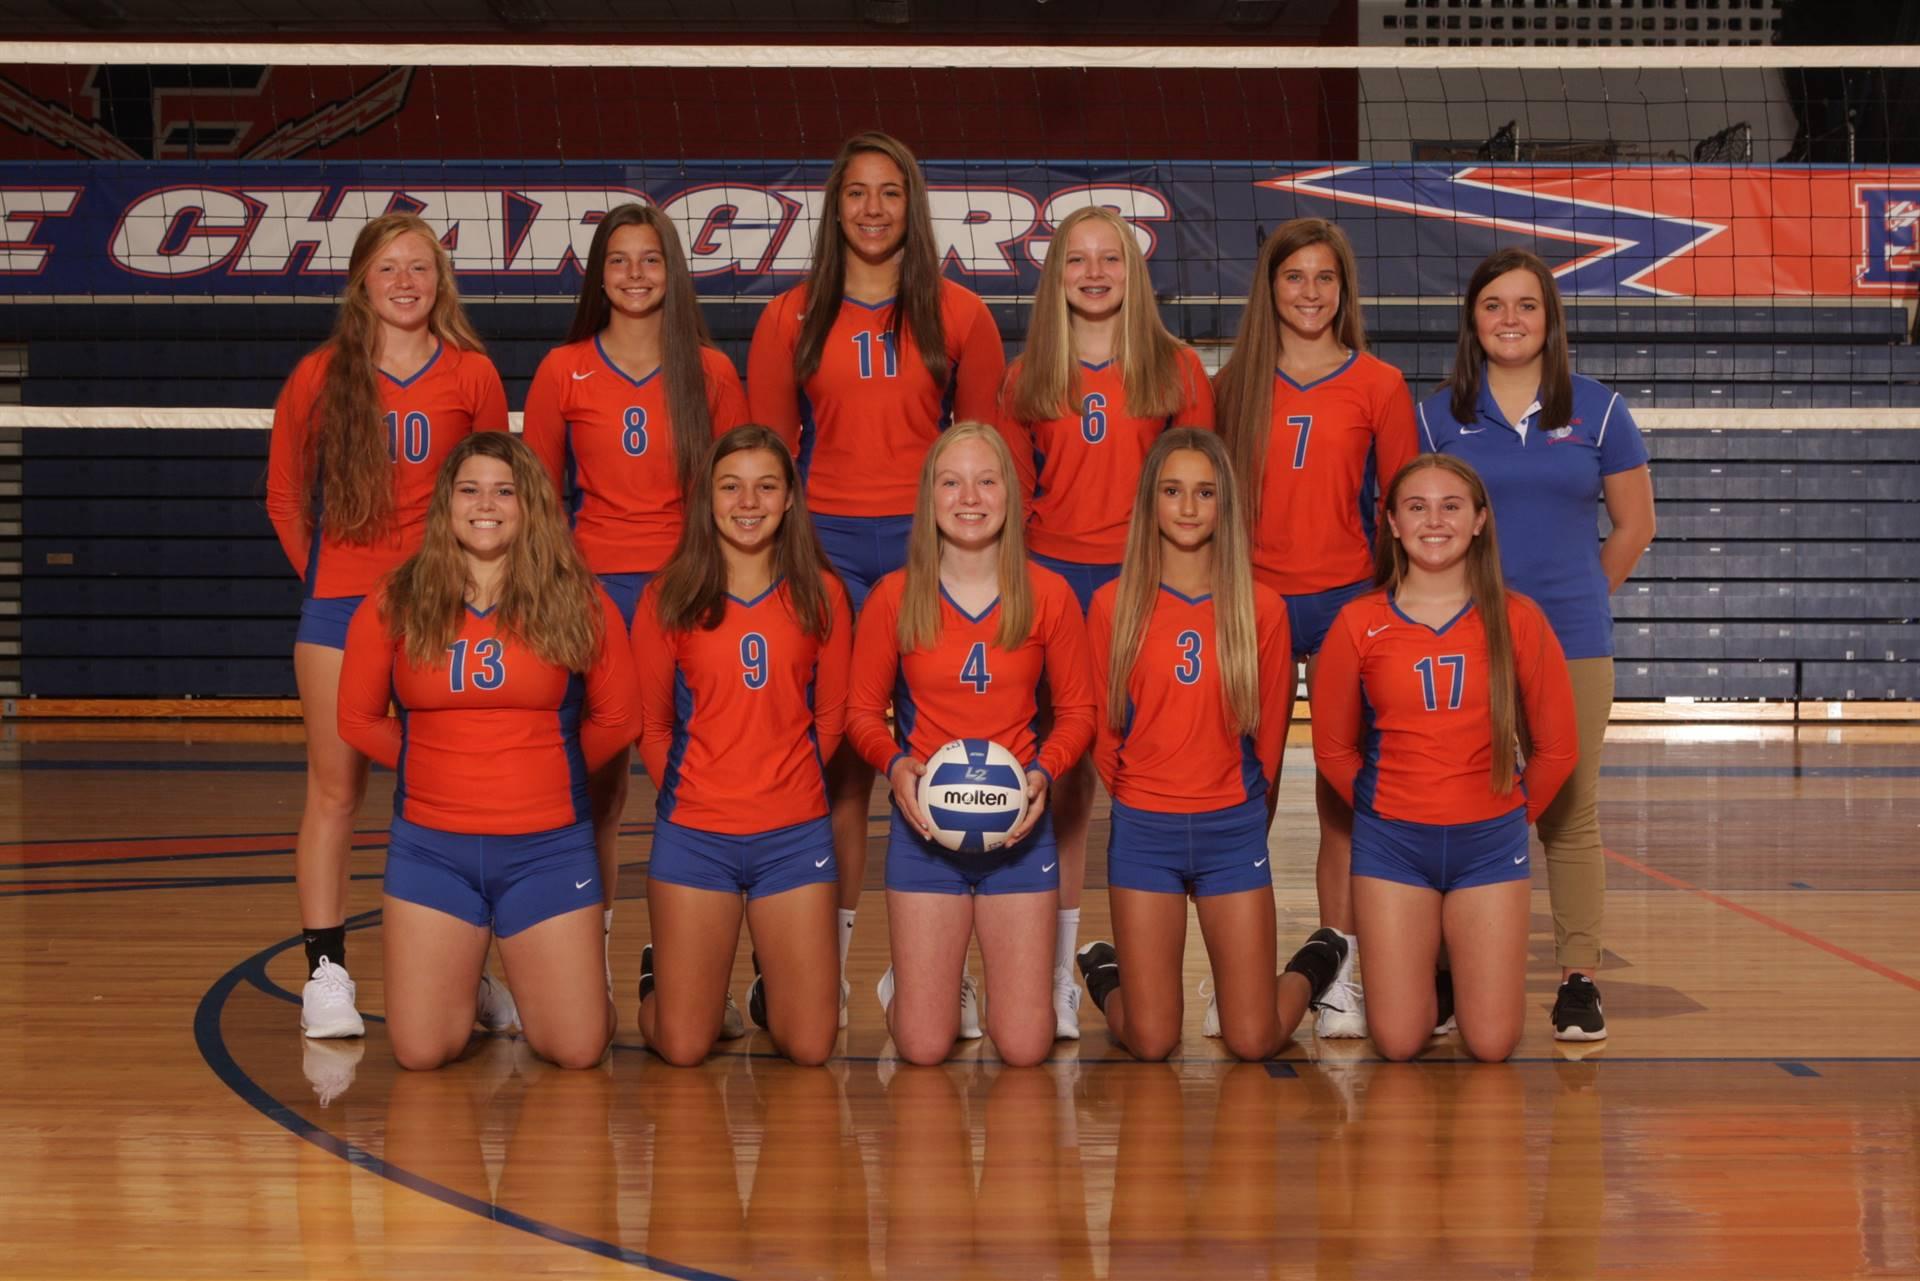 2019 Volleyball Freshmen Team